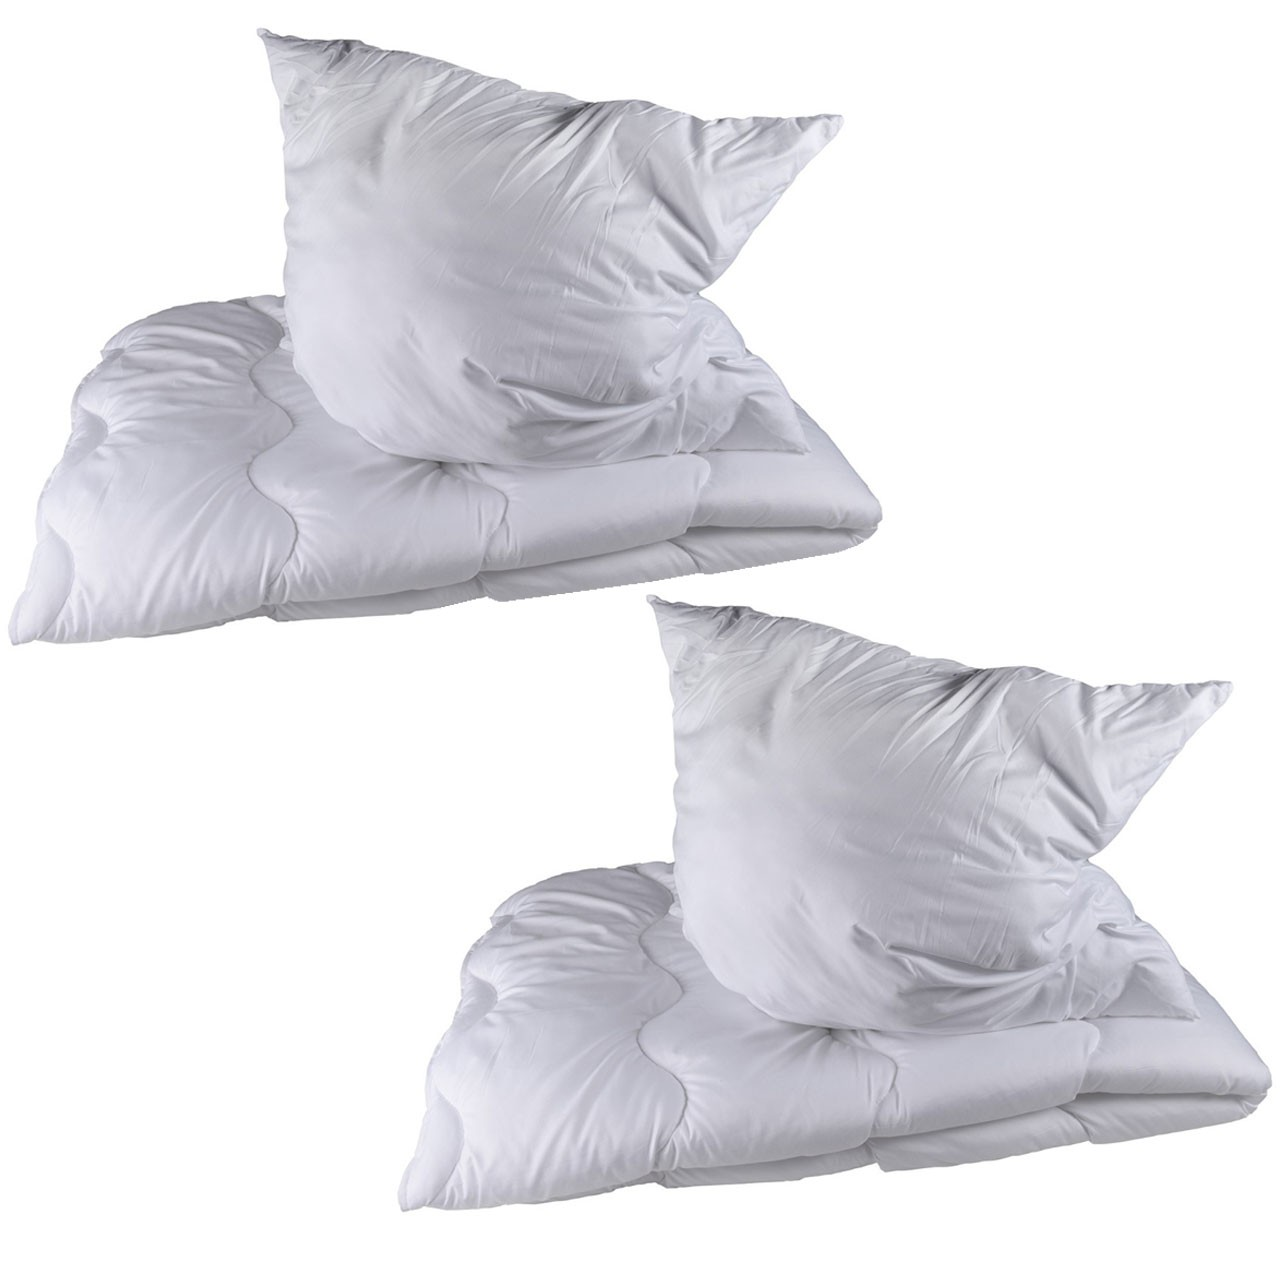 2 Stück Premium Steppbettdecken Set, Steppbett 135 x 200 cm mit Kopfkissen 80 x 80 cm